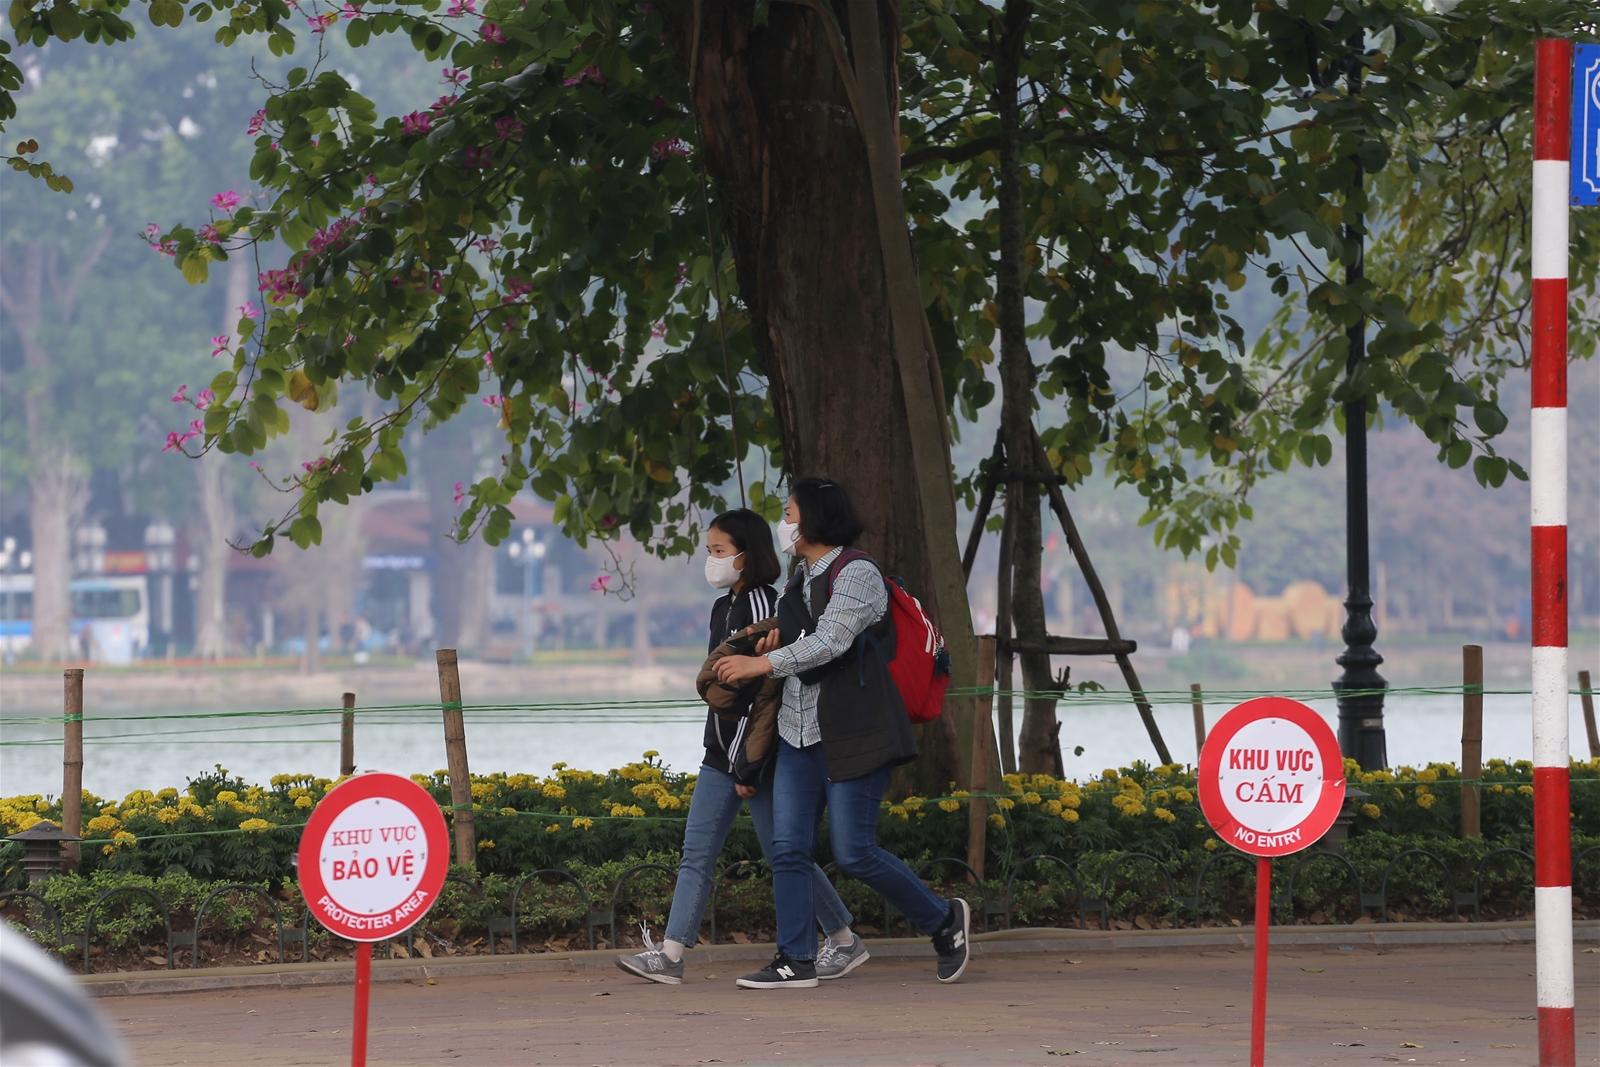 Hà Nội yêu cầu rửa tay, đeo khẩu trang ở nơi công cộng tập trung đông người